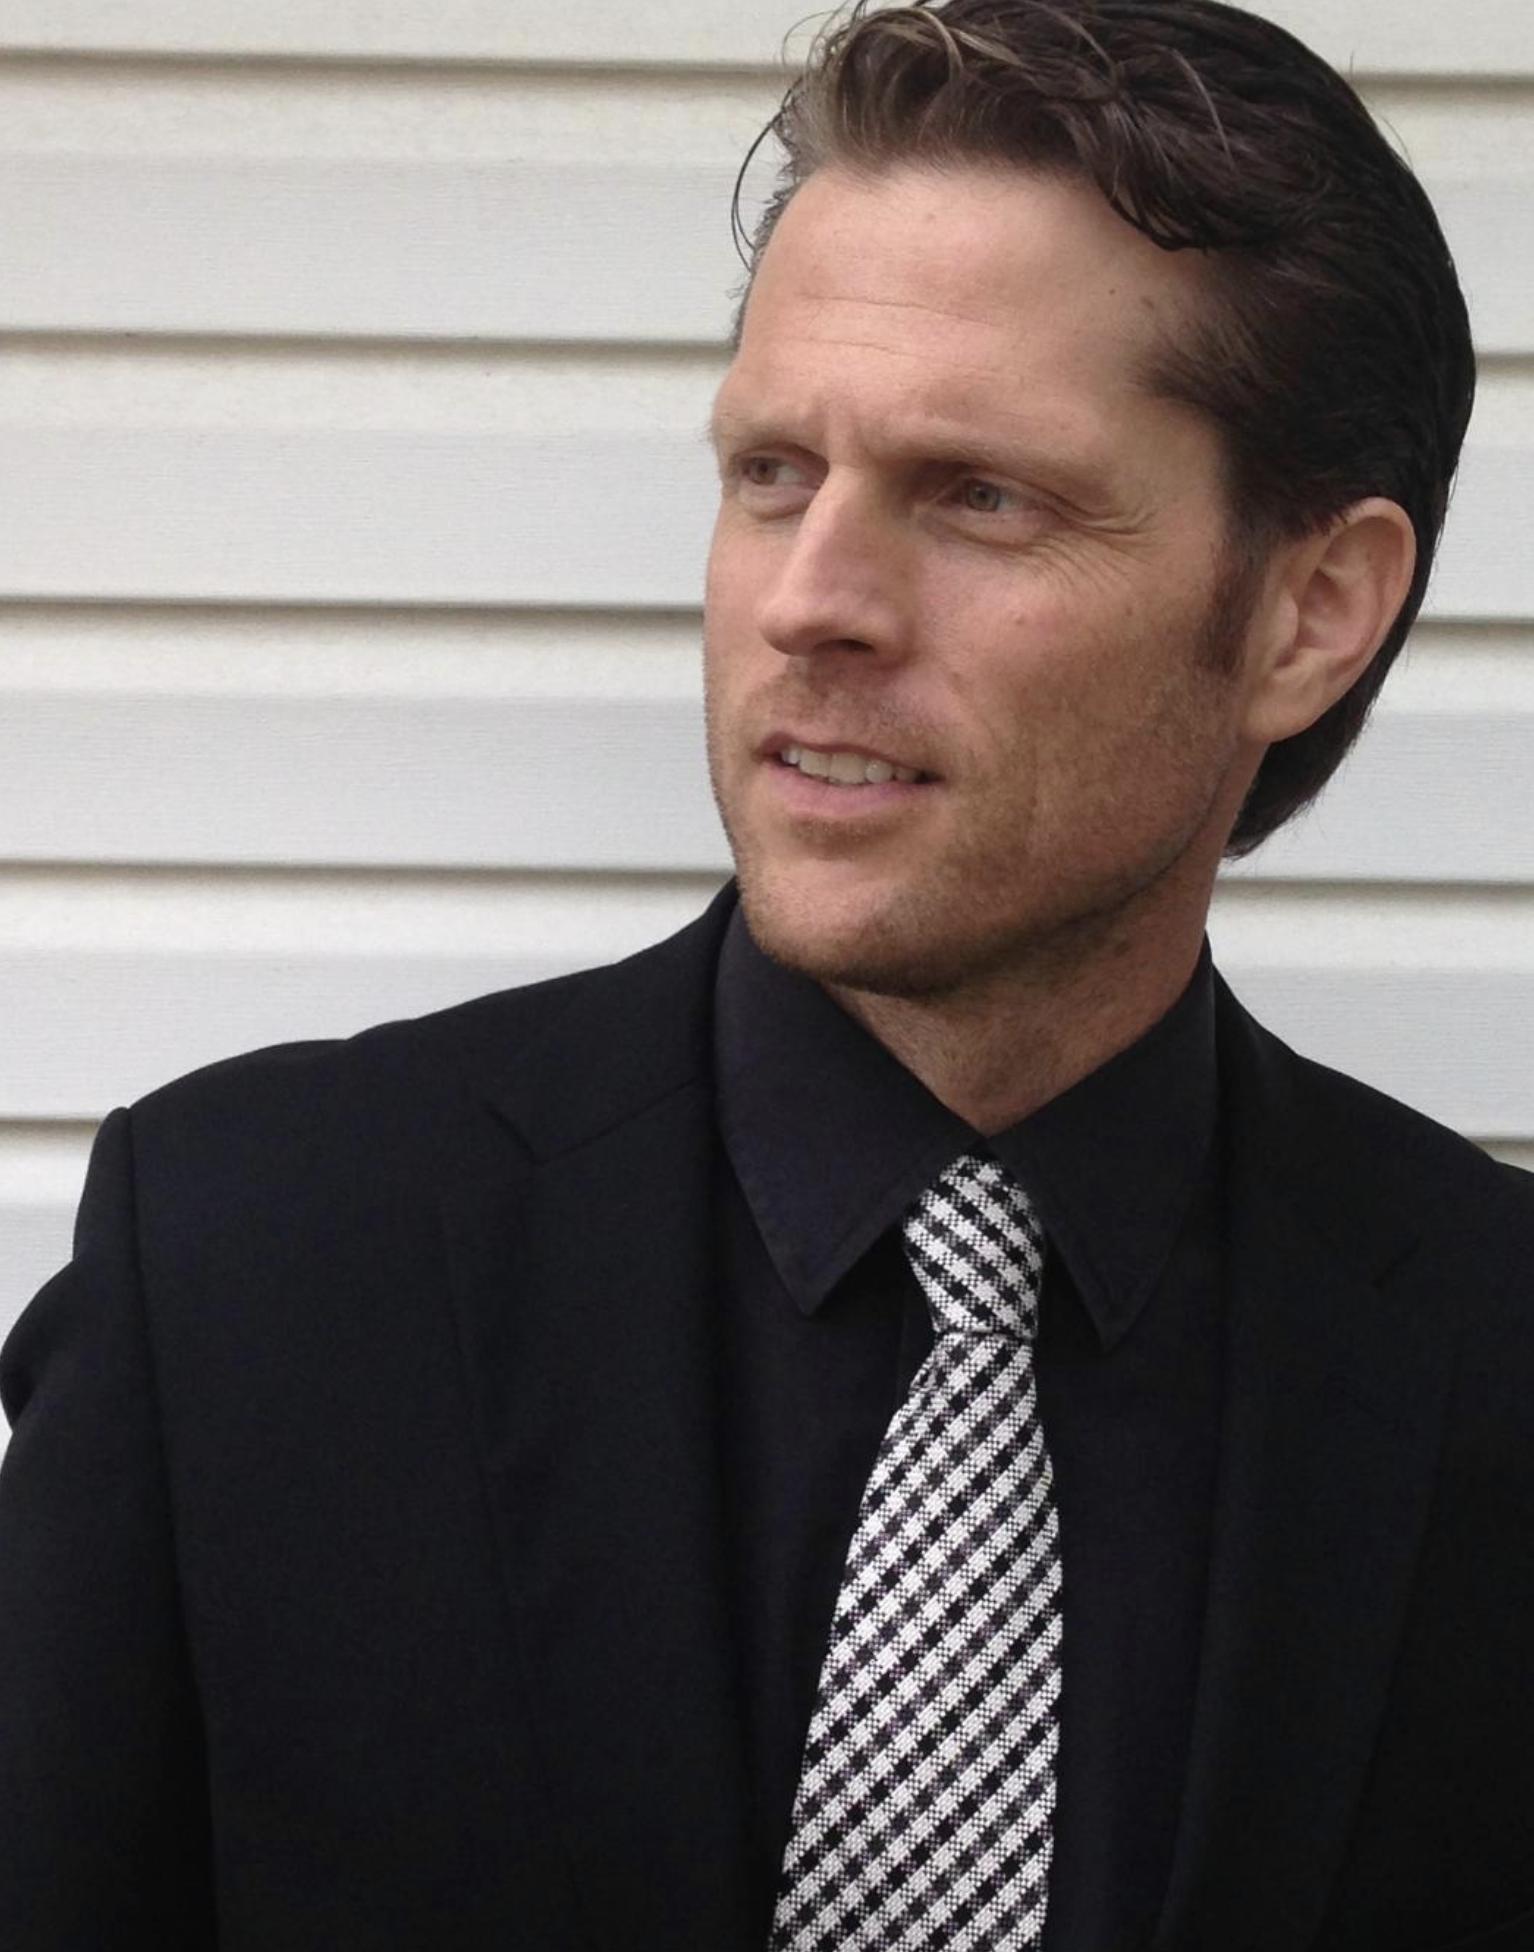 Glenn D. | Model + Actor + Spokesperson